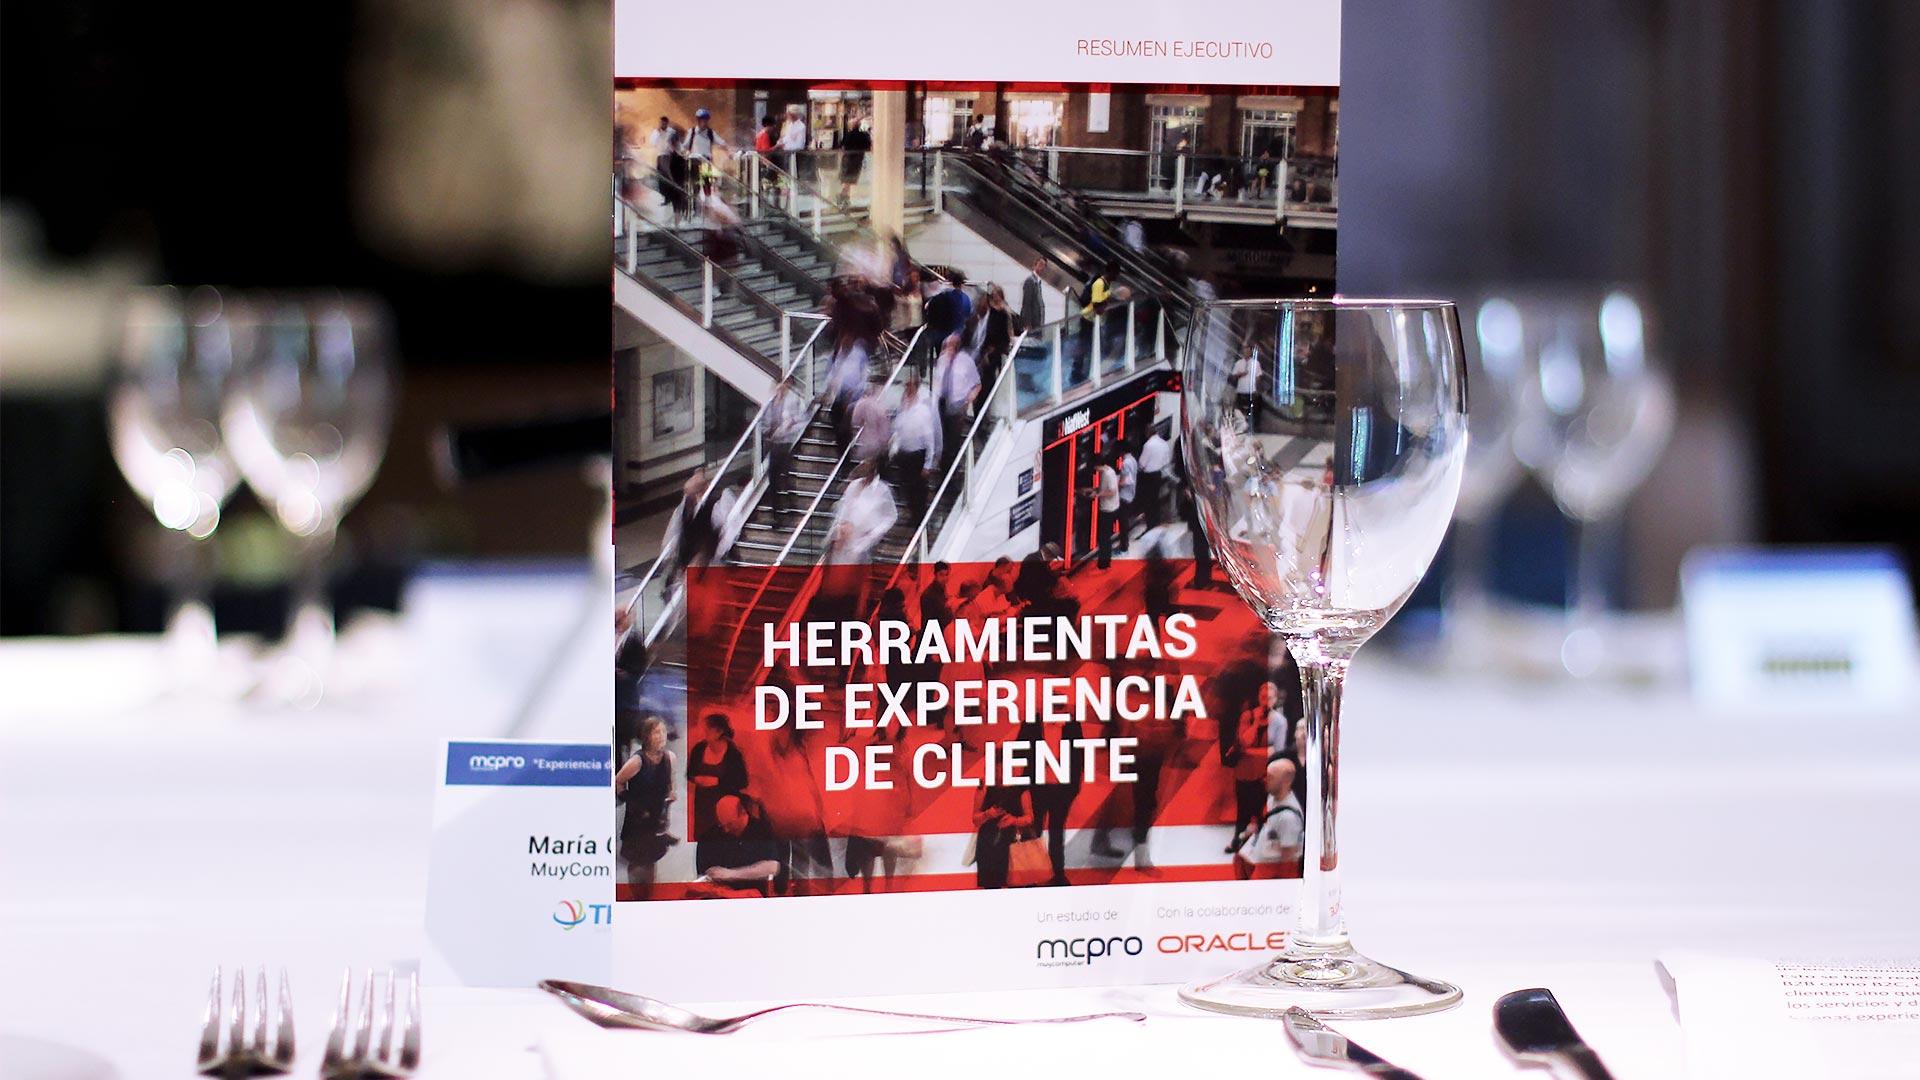 oracle_tpnet_evento_debate_mesa_redonda_informe_herramientas_experiencia_cliente_23